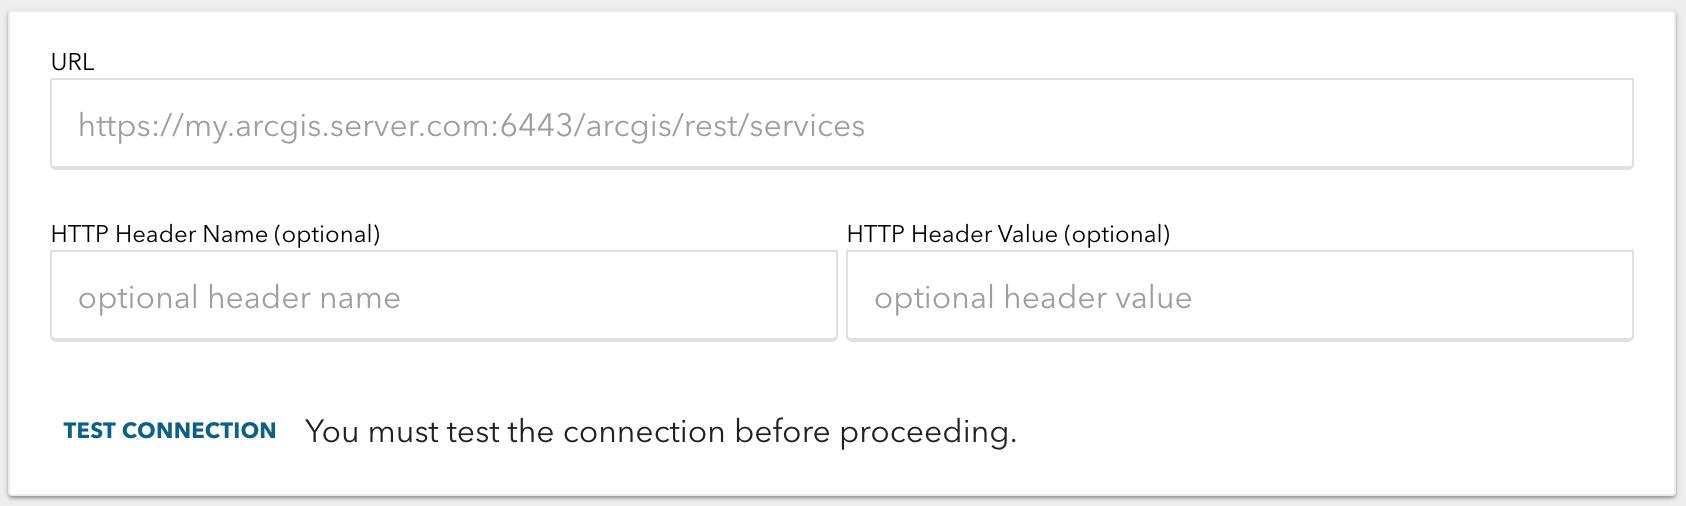 ArcGIS Server Connection Details